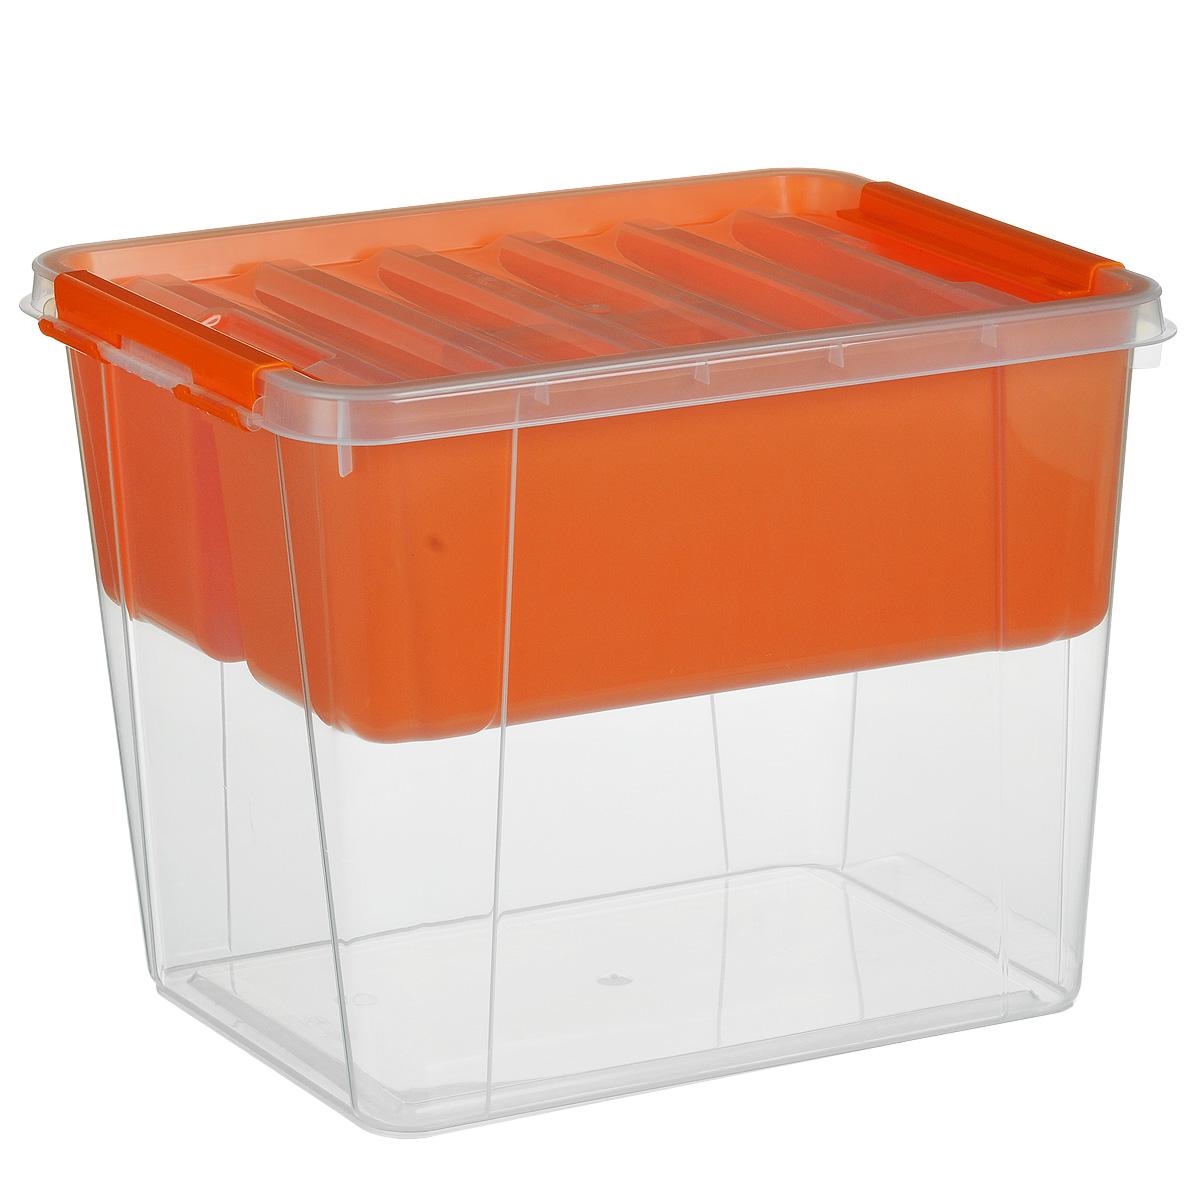 Ящик Полимербыт Профи, с вкладышем, цвет: оранжевый, прозрачный, 25 лС50901Вместительный ящик Полимербыт Профи выполнен из прозрачного пластика и предназначен для хранения различных предметов. Ящик оснащен удобной крышкой с рельефной поверхностью. Внутри ящика имеется съемный вкладыш с двумя глубокими секциями. Контейнер снабжен двумя пластиковыми фиксаторами по бокам, придающими дополнительную надежность закрывания крышки. Вместительный контейнер позволит сохранить различные нужные вещи в порядке, а герметичная крышка предотвратит случайное открывание, защитит содержимое от пыли и грязи. Размер внутренних секций: 37 см х 13 см х 14 см. Объем: 25 л.